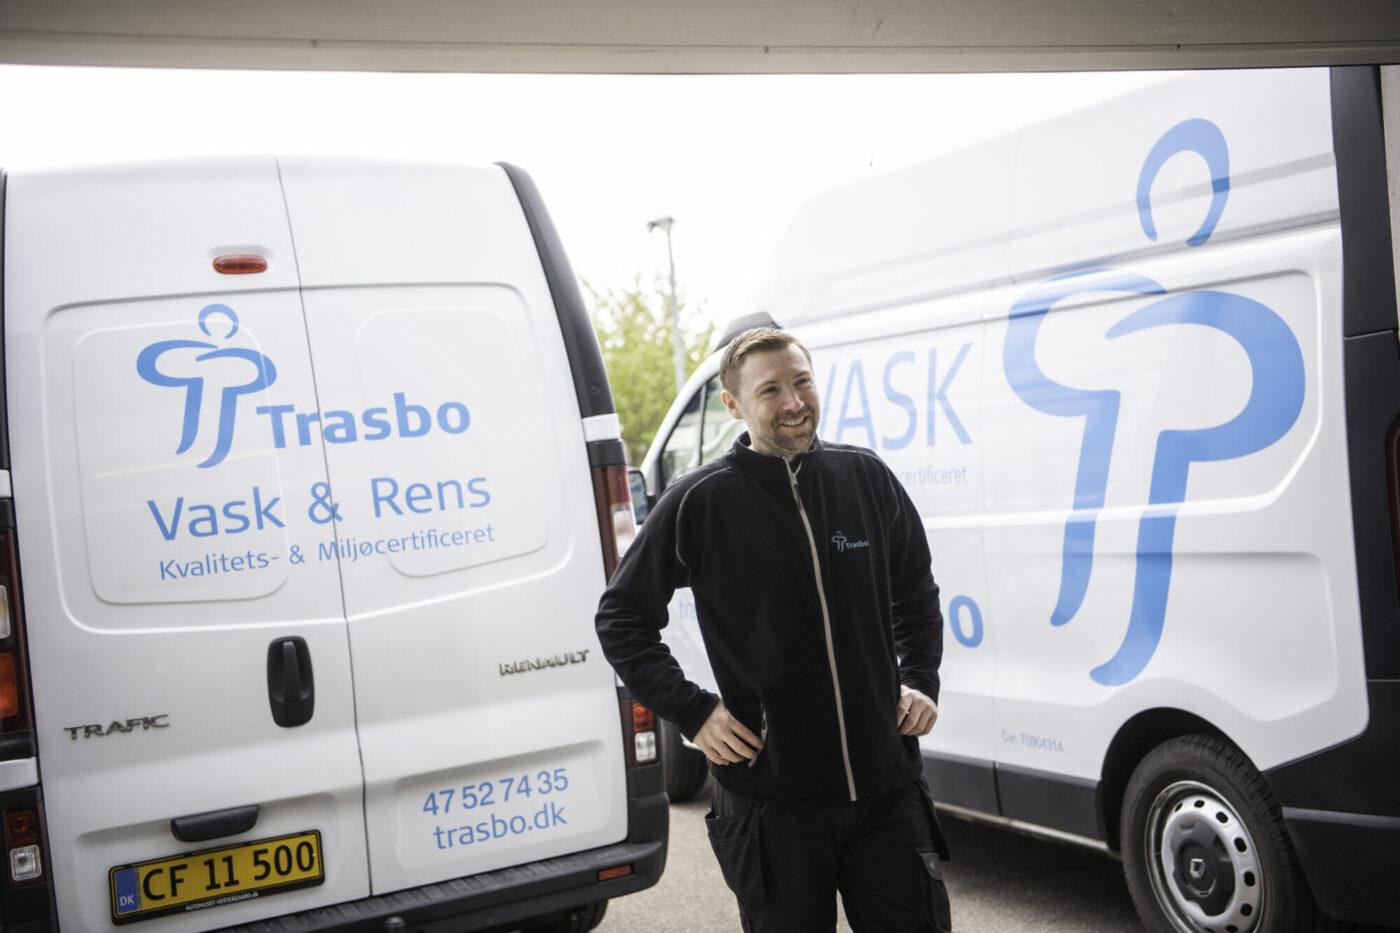 Chauffør søges til TRASBOs vaskeri